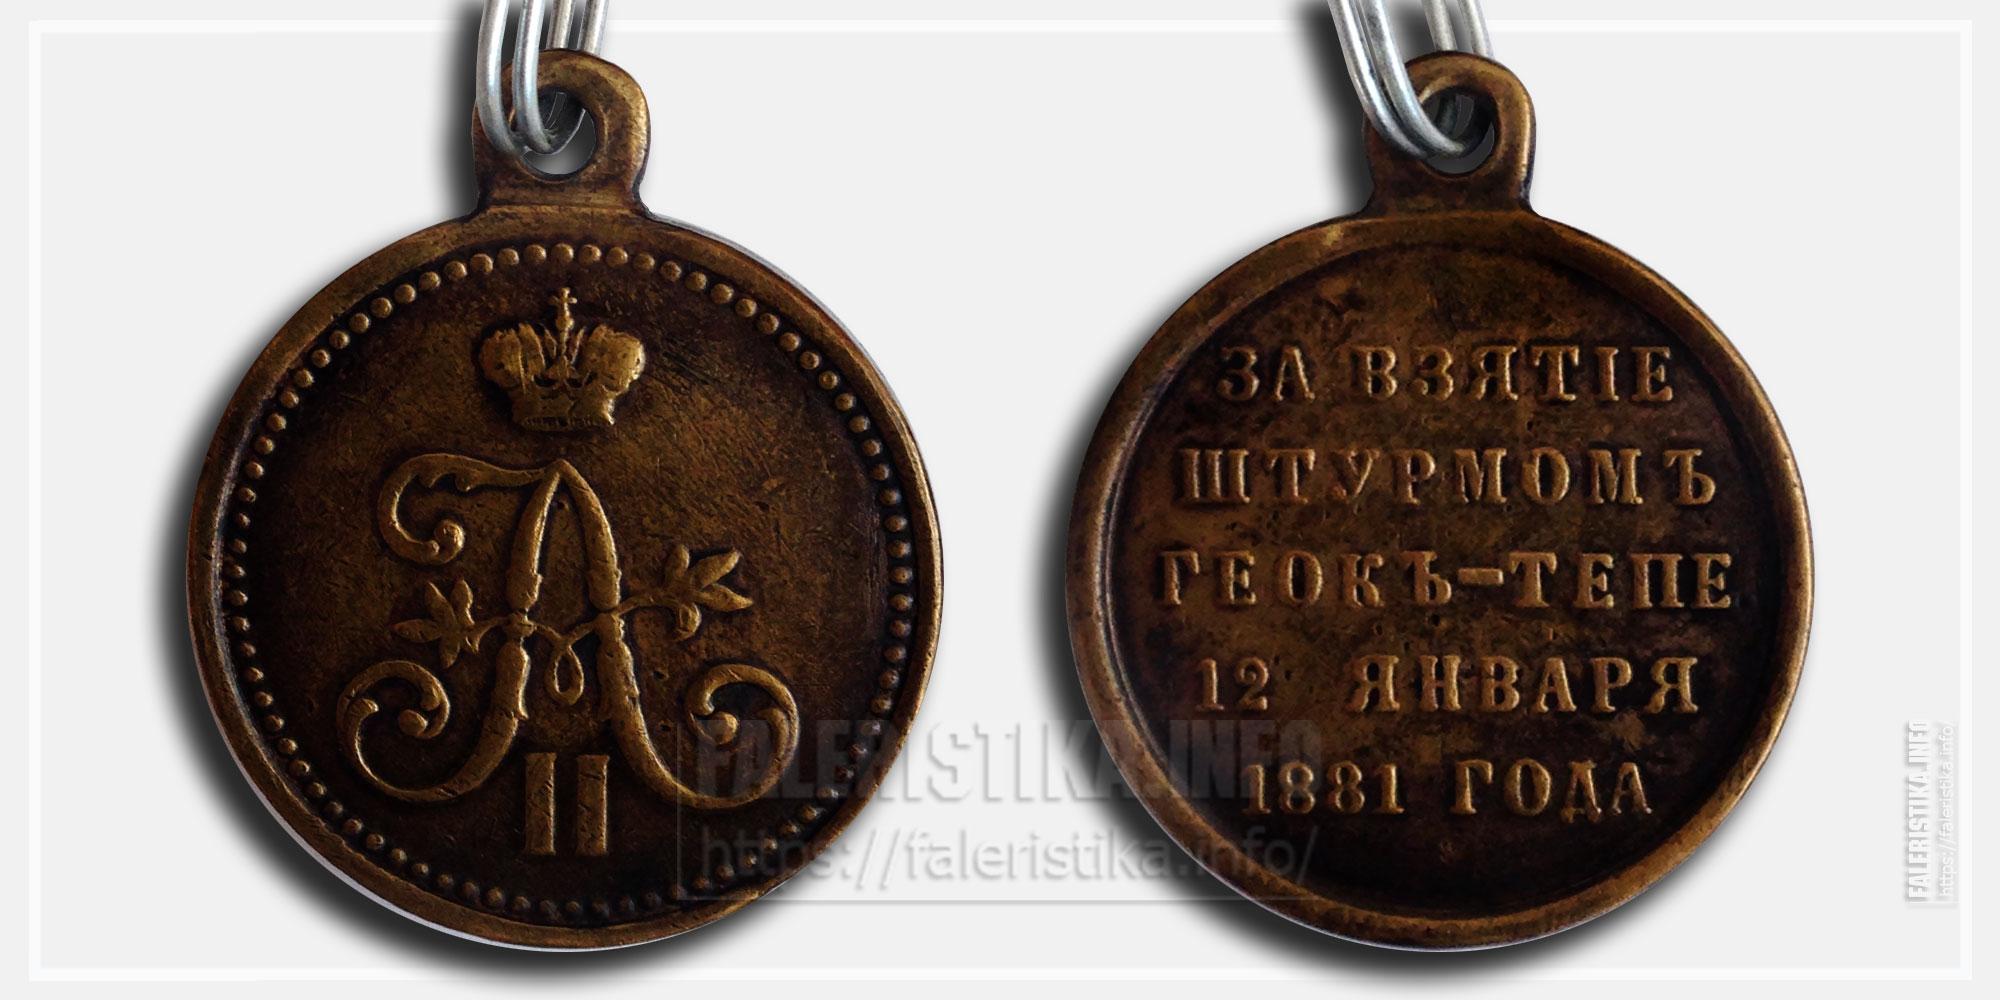 """Медаль """"За взятие штурмом Геок-Тепе 12 января 1881 года"""" Александр II (литье, т.е. медаль не настоящая)"""